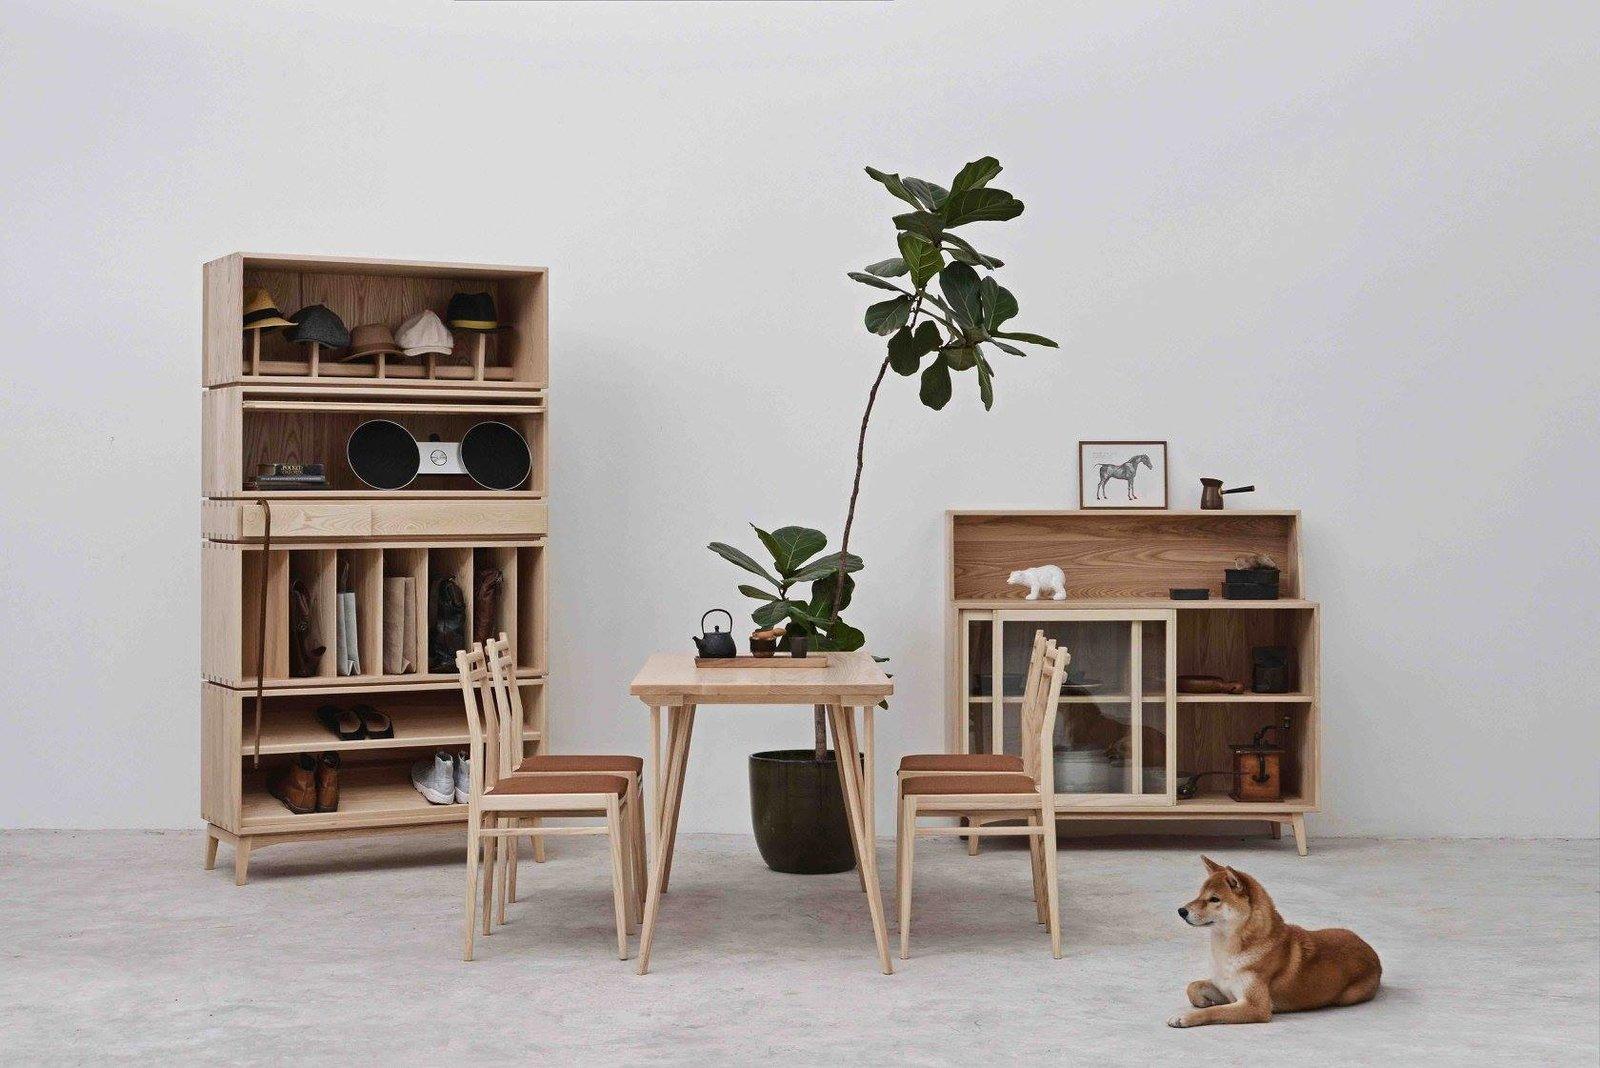 Photo 4 of 6 in Fnji Furniture